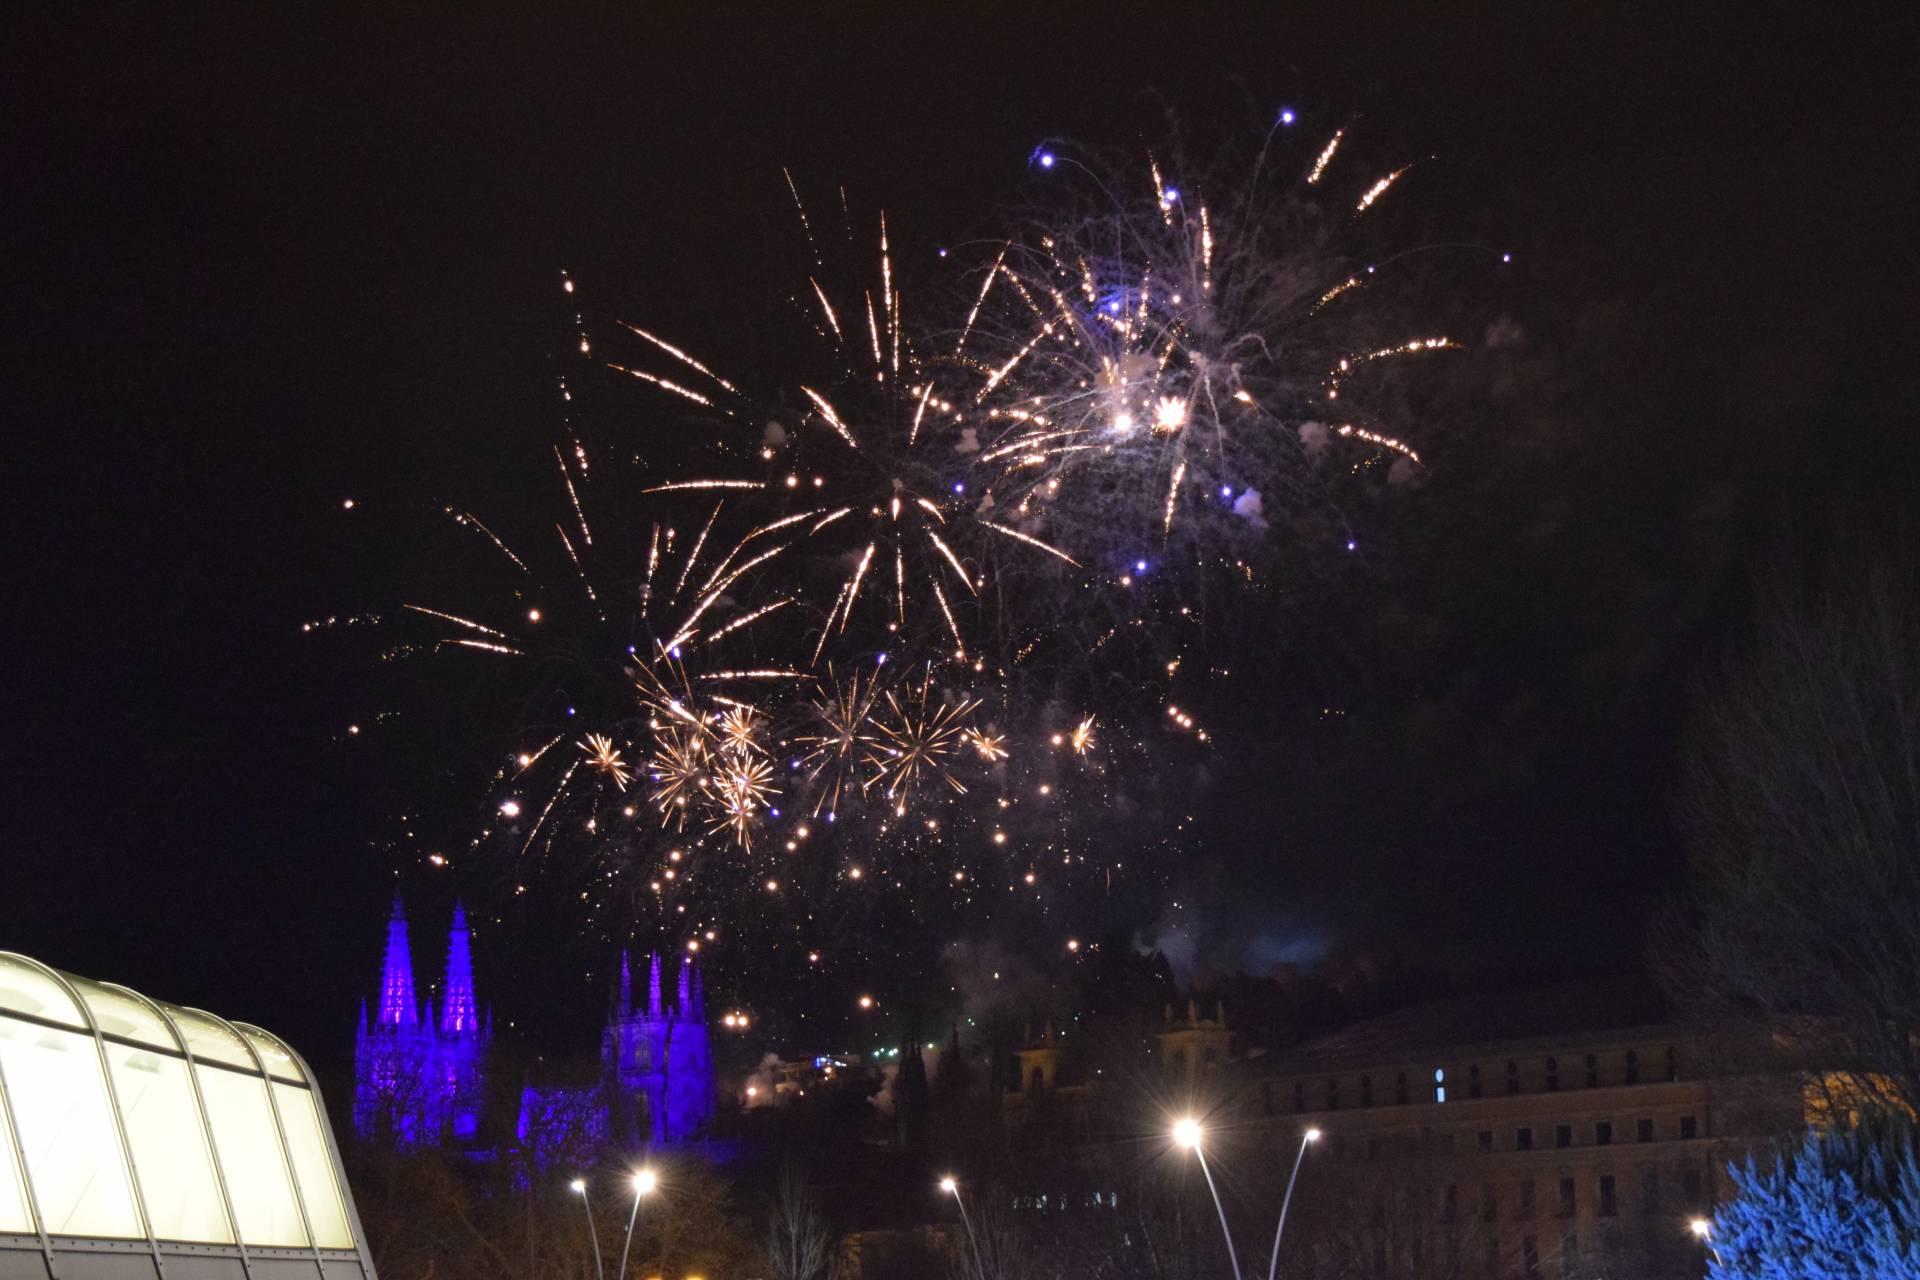 centenario catedral burgos_24